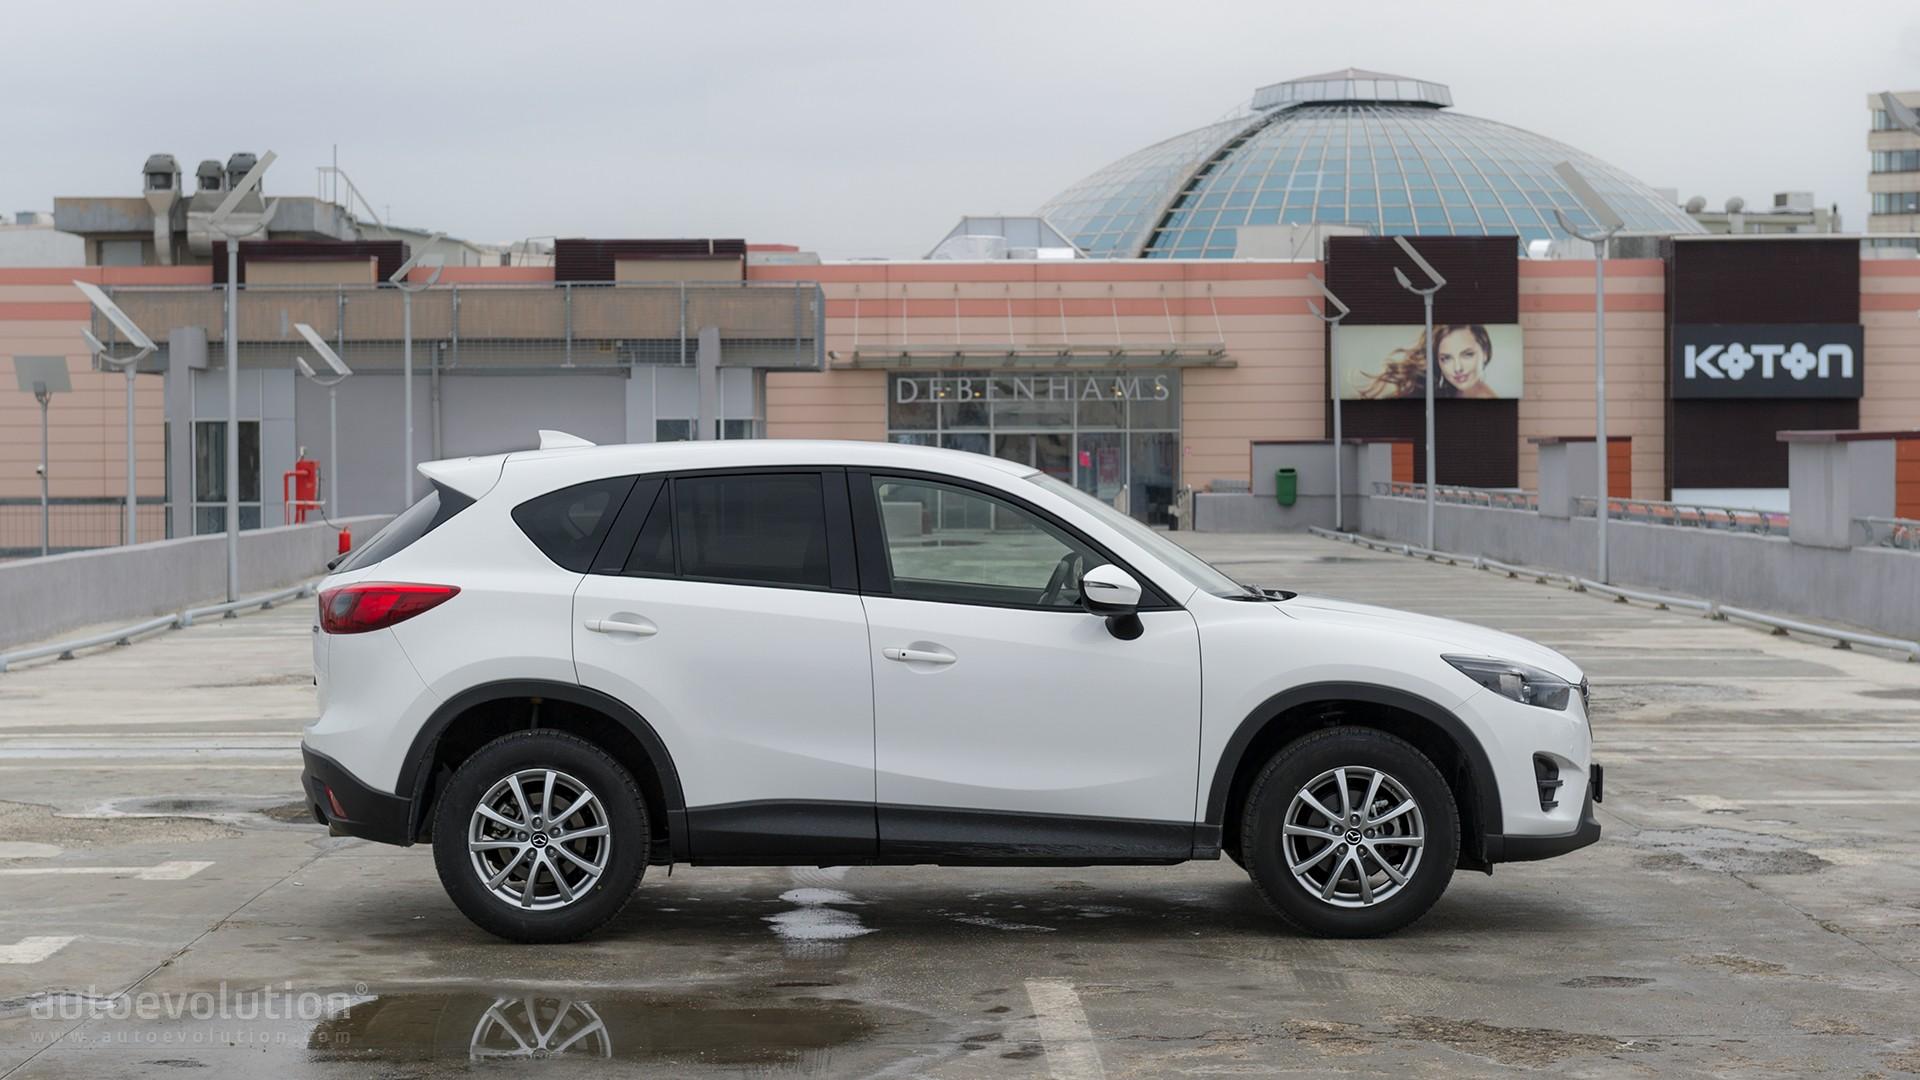 Driven 20165 Mazda CX 5 Farewell Test Autoevolution